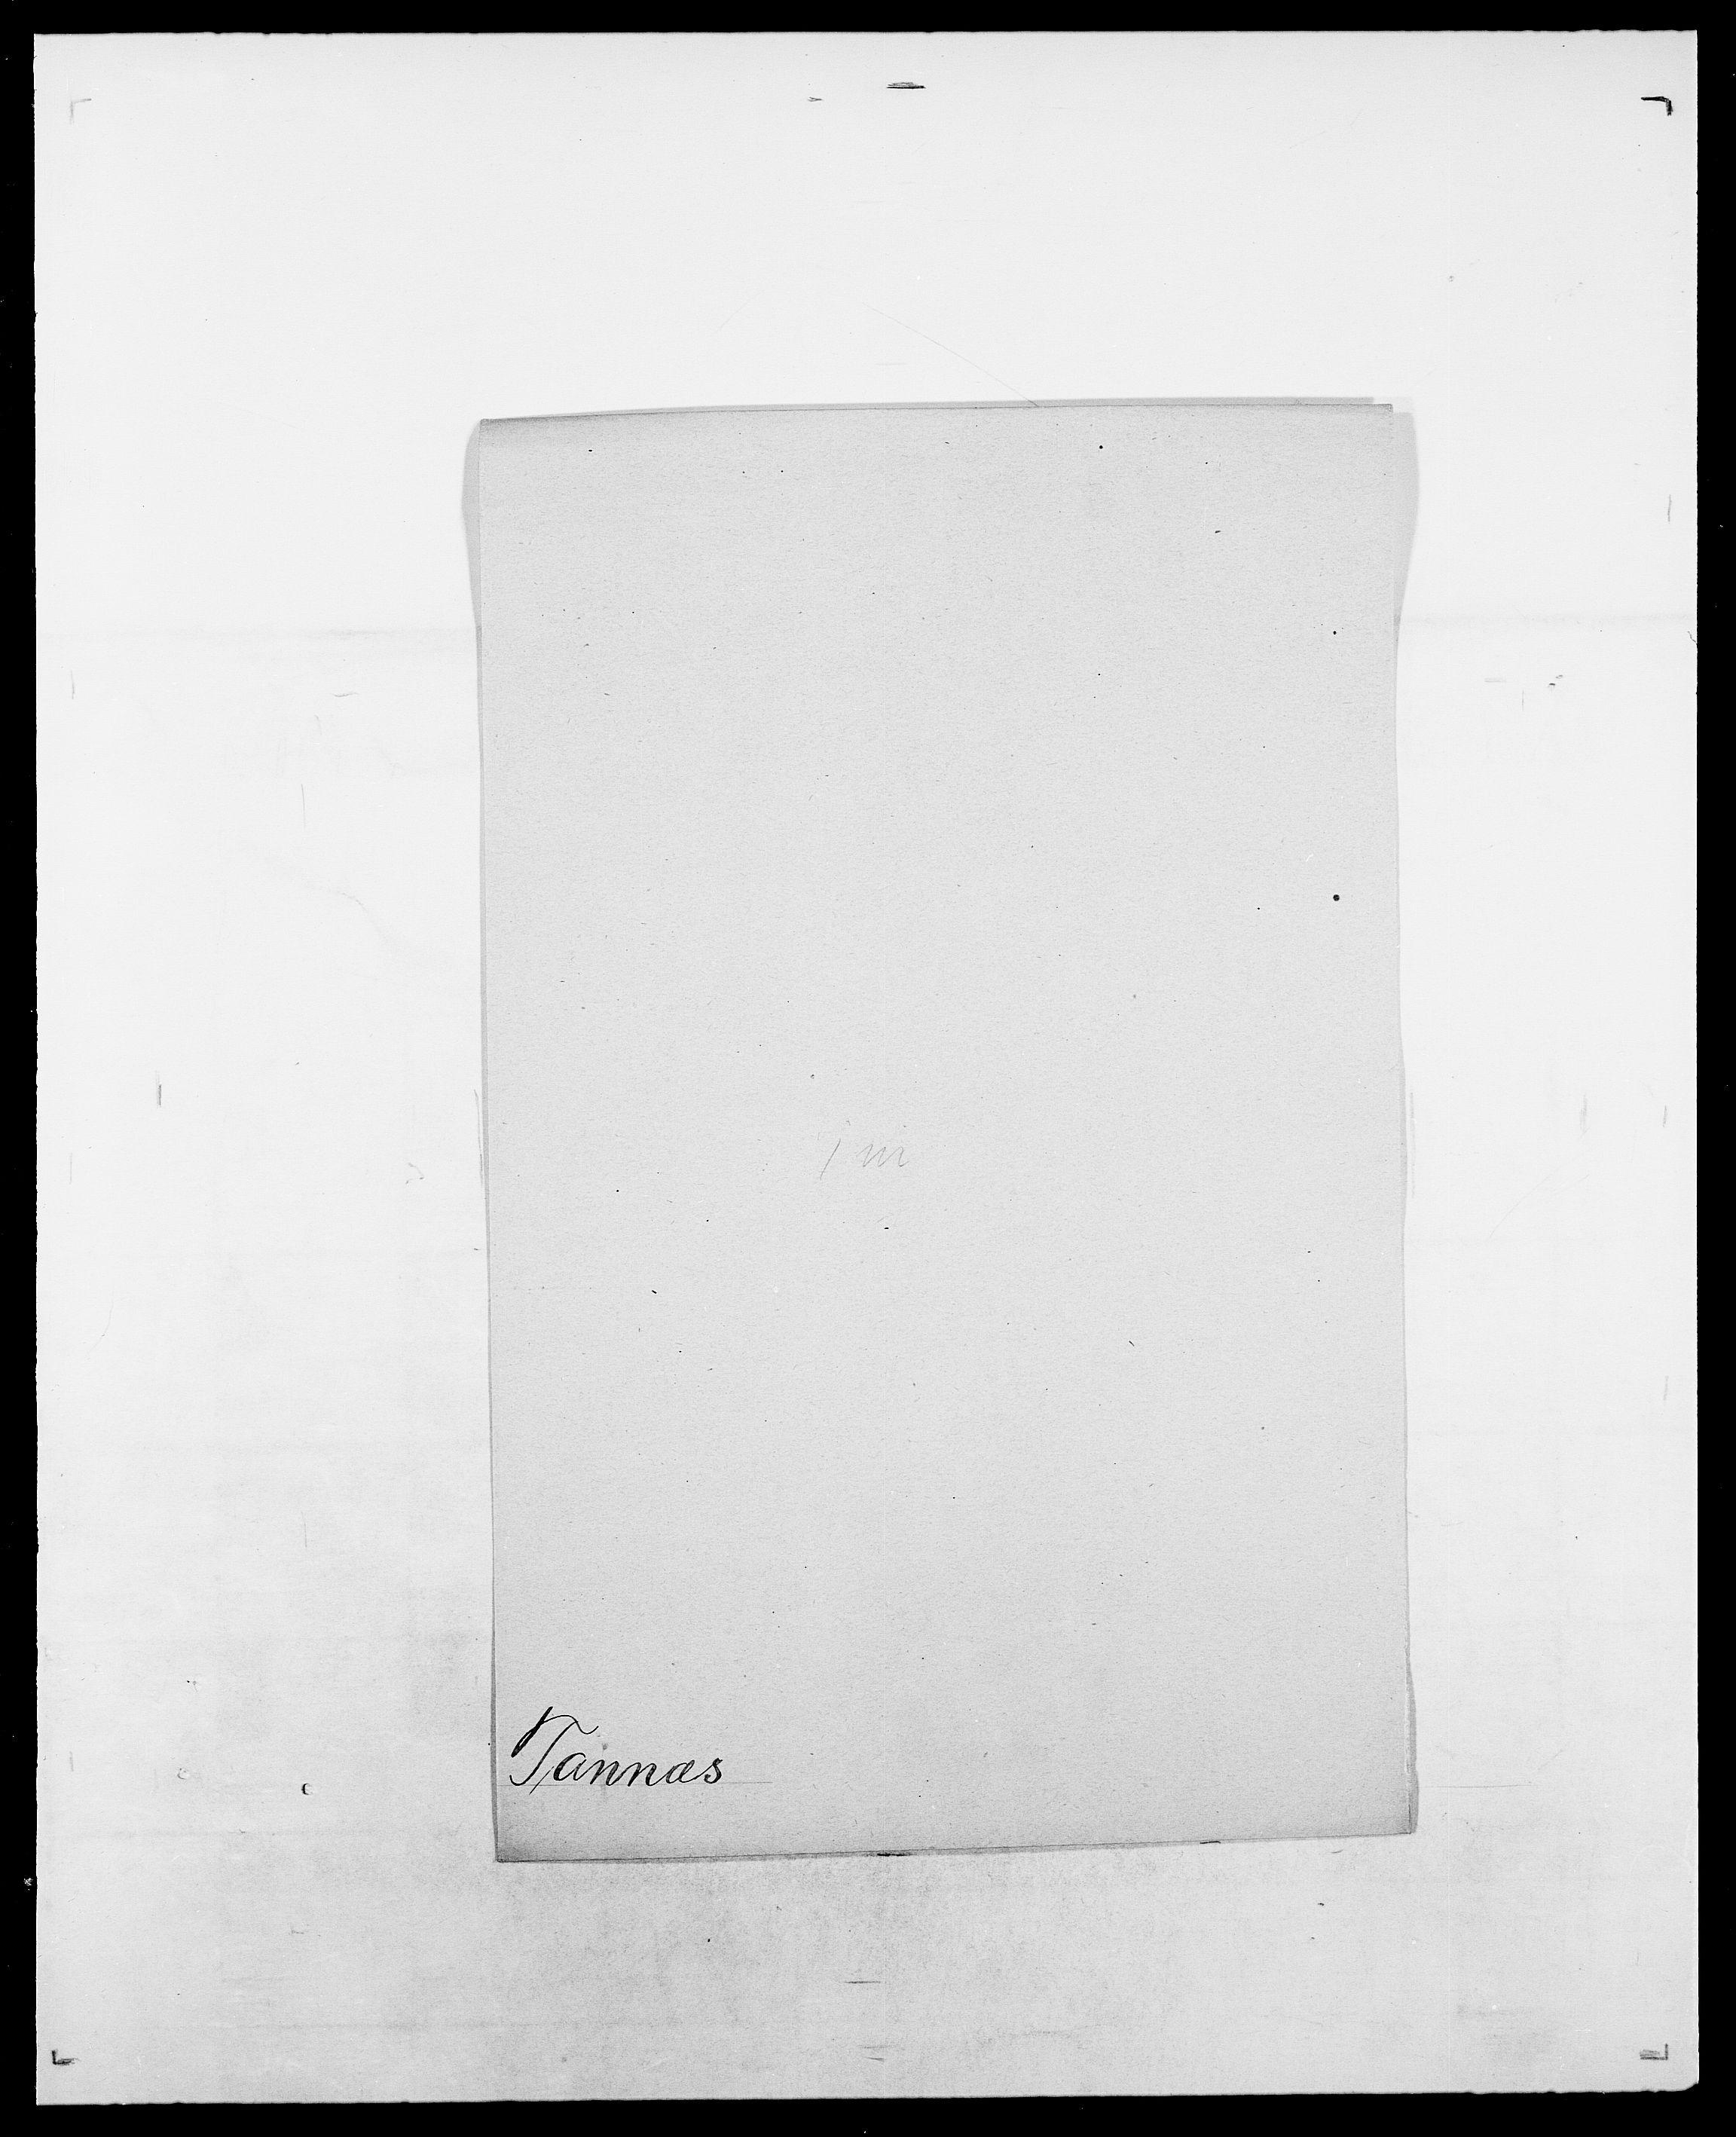 SAO, Delgobe, Charles Antoine - samling, D/Da/L0038: Svanenskjold - Thornsohn, s. 335